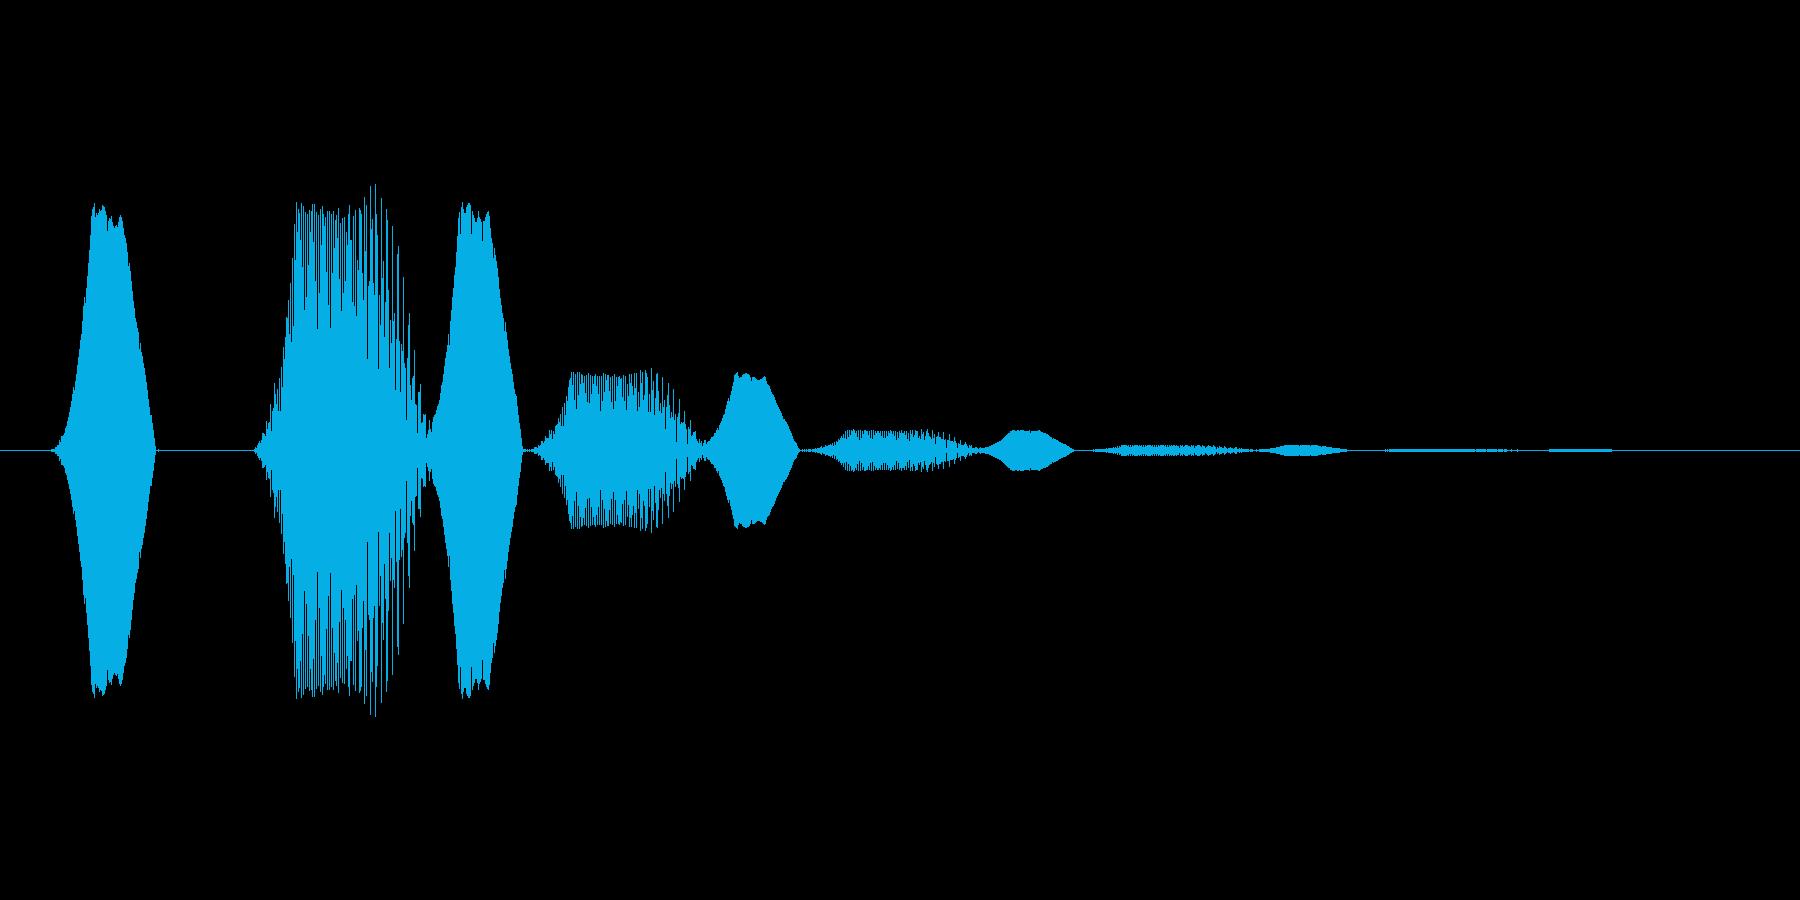 ファミコン風効果音 決定音系です 33の再生済みの波形